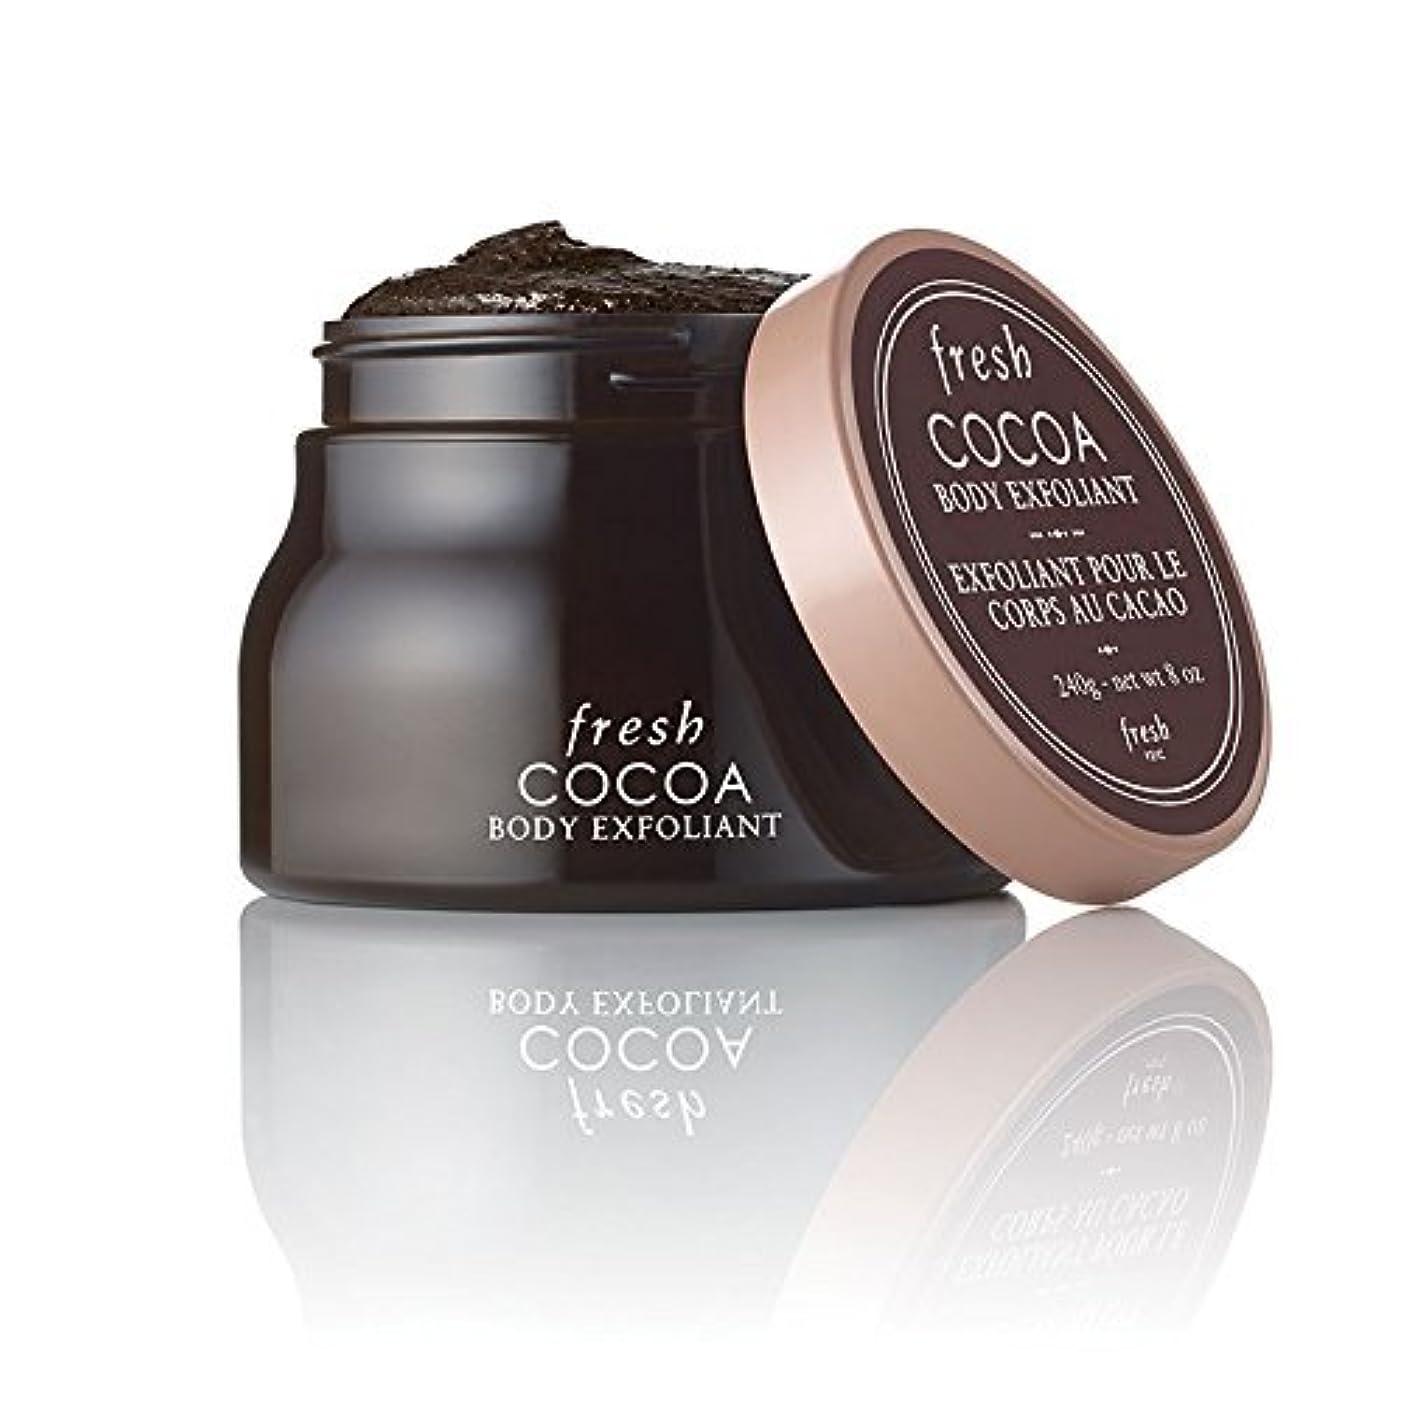 傾く鋼外交Fresh Cocoa Body Exfoliant (フレッシュ ココア ボディー エクスフォリアント) 150g by Fresh for Women